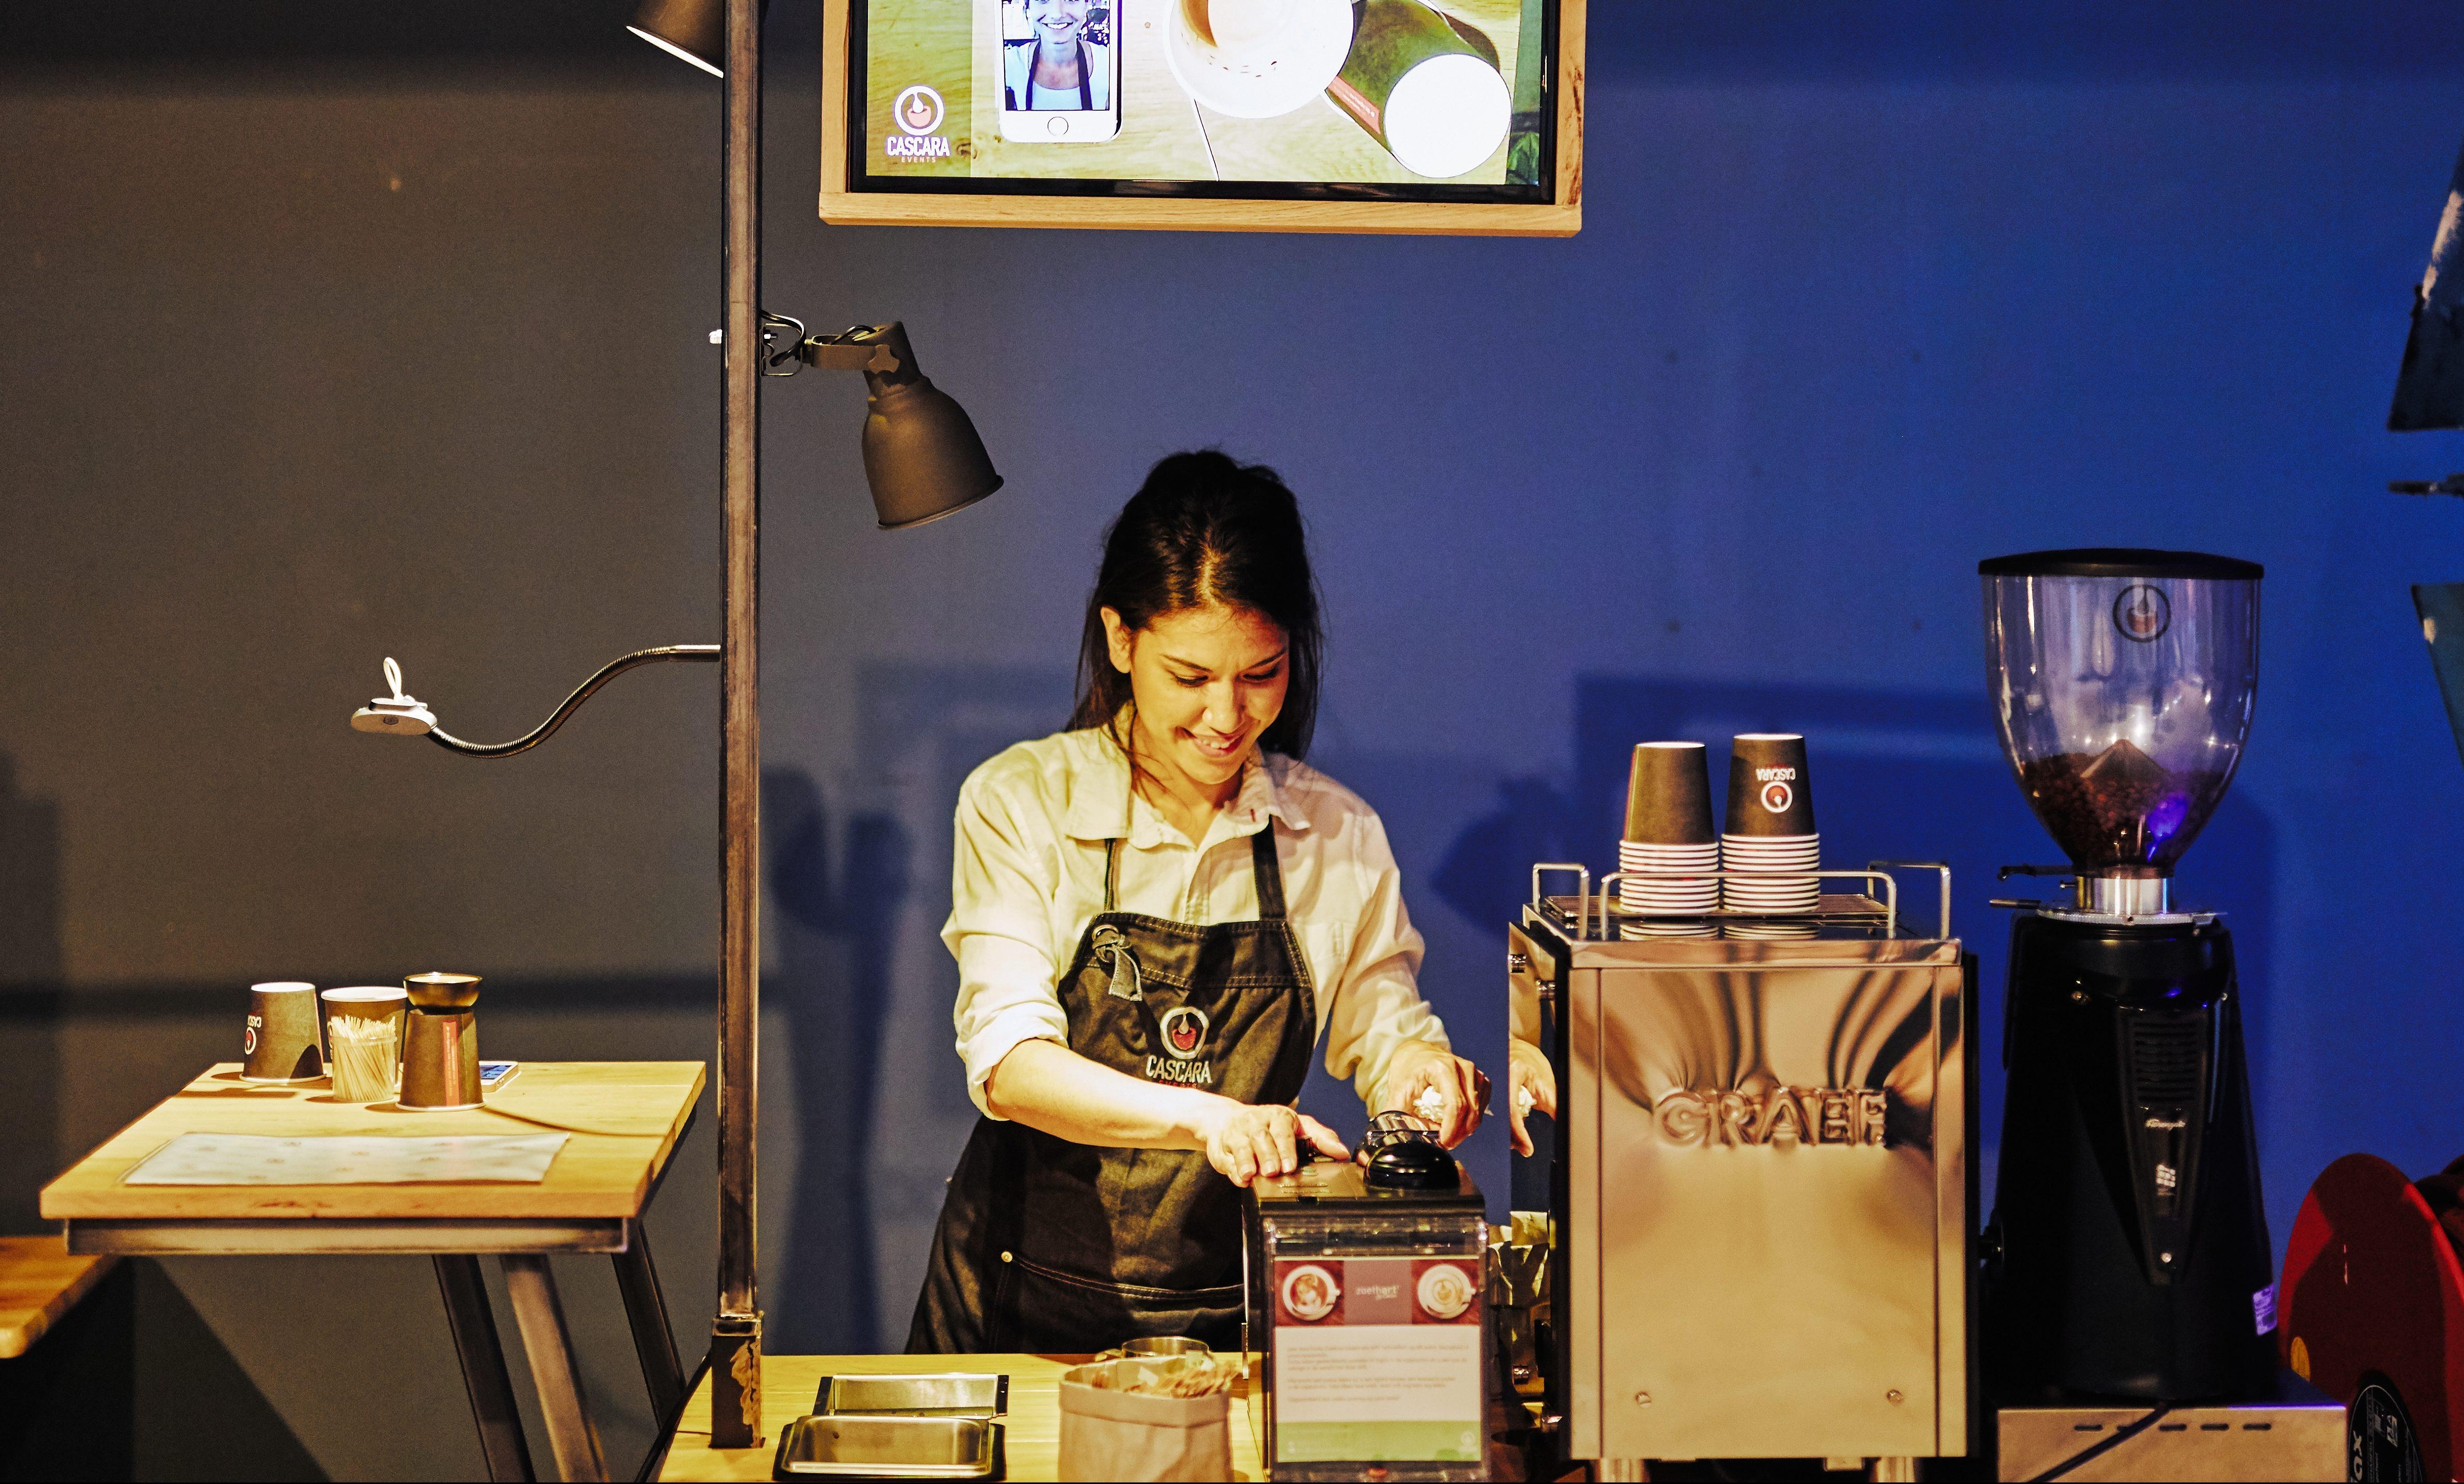 Exclusieve latte art wordt live door Emilie Zoethout gemaakt